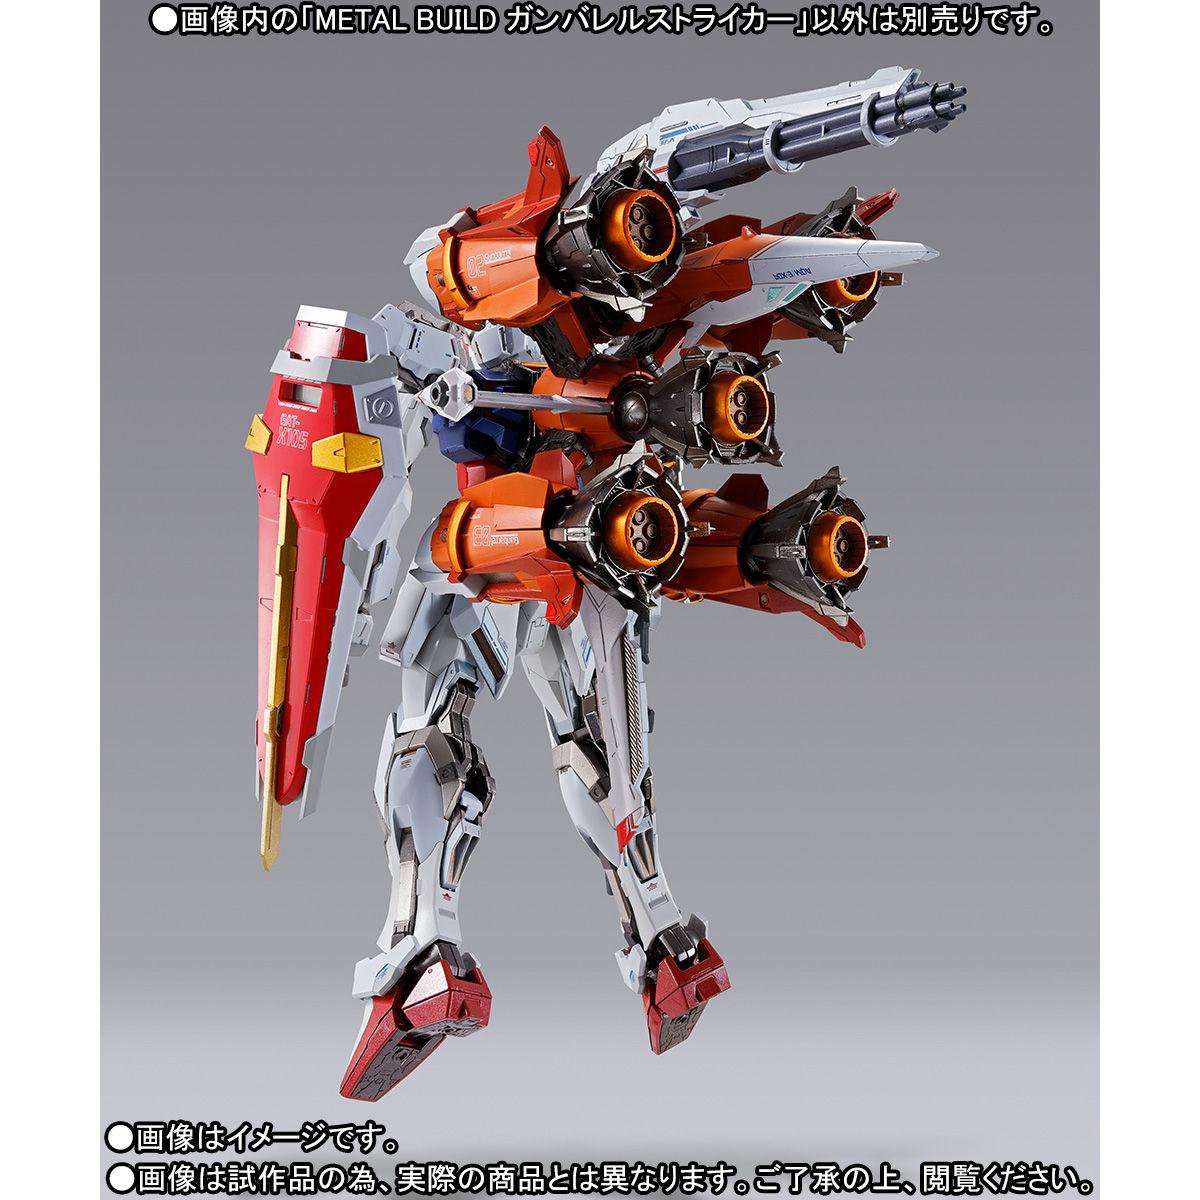 METAL BUILD『ガンバレルストライカー 機動戦士ガンダムSEED MSV』可動フィギュア-006